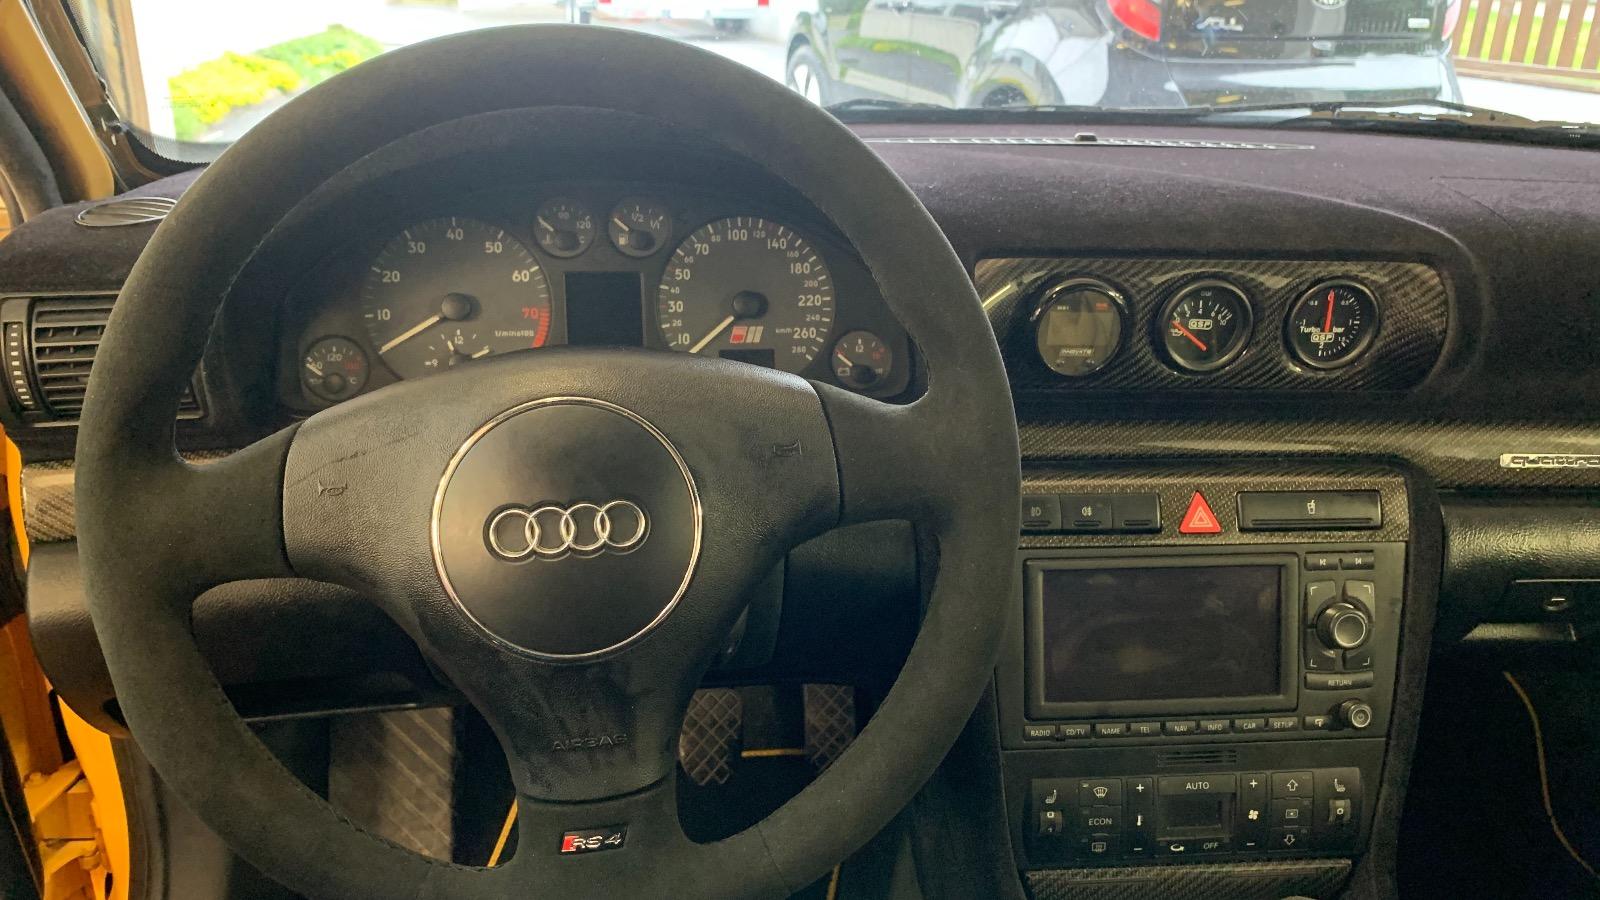 Deilig alkantara-ratt med RS4 emblemer.